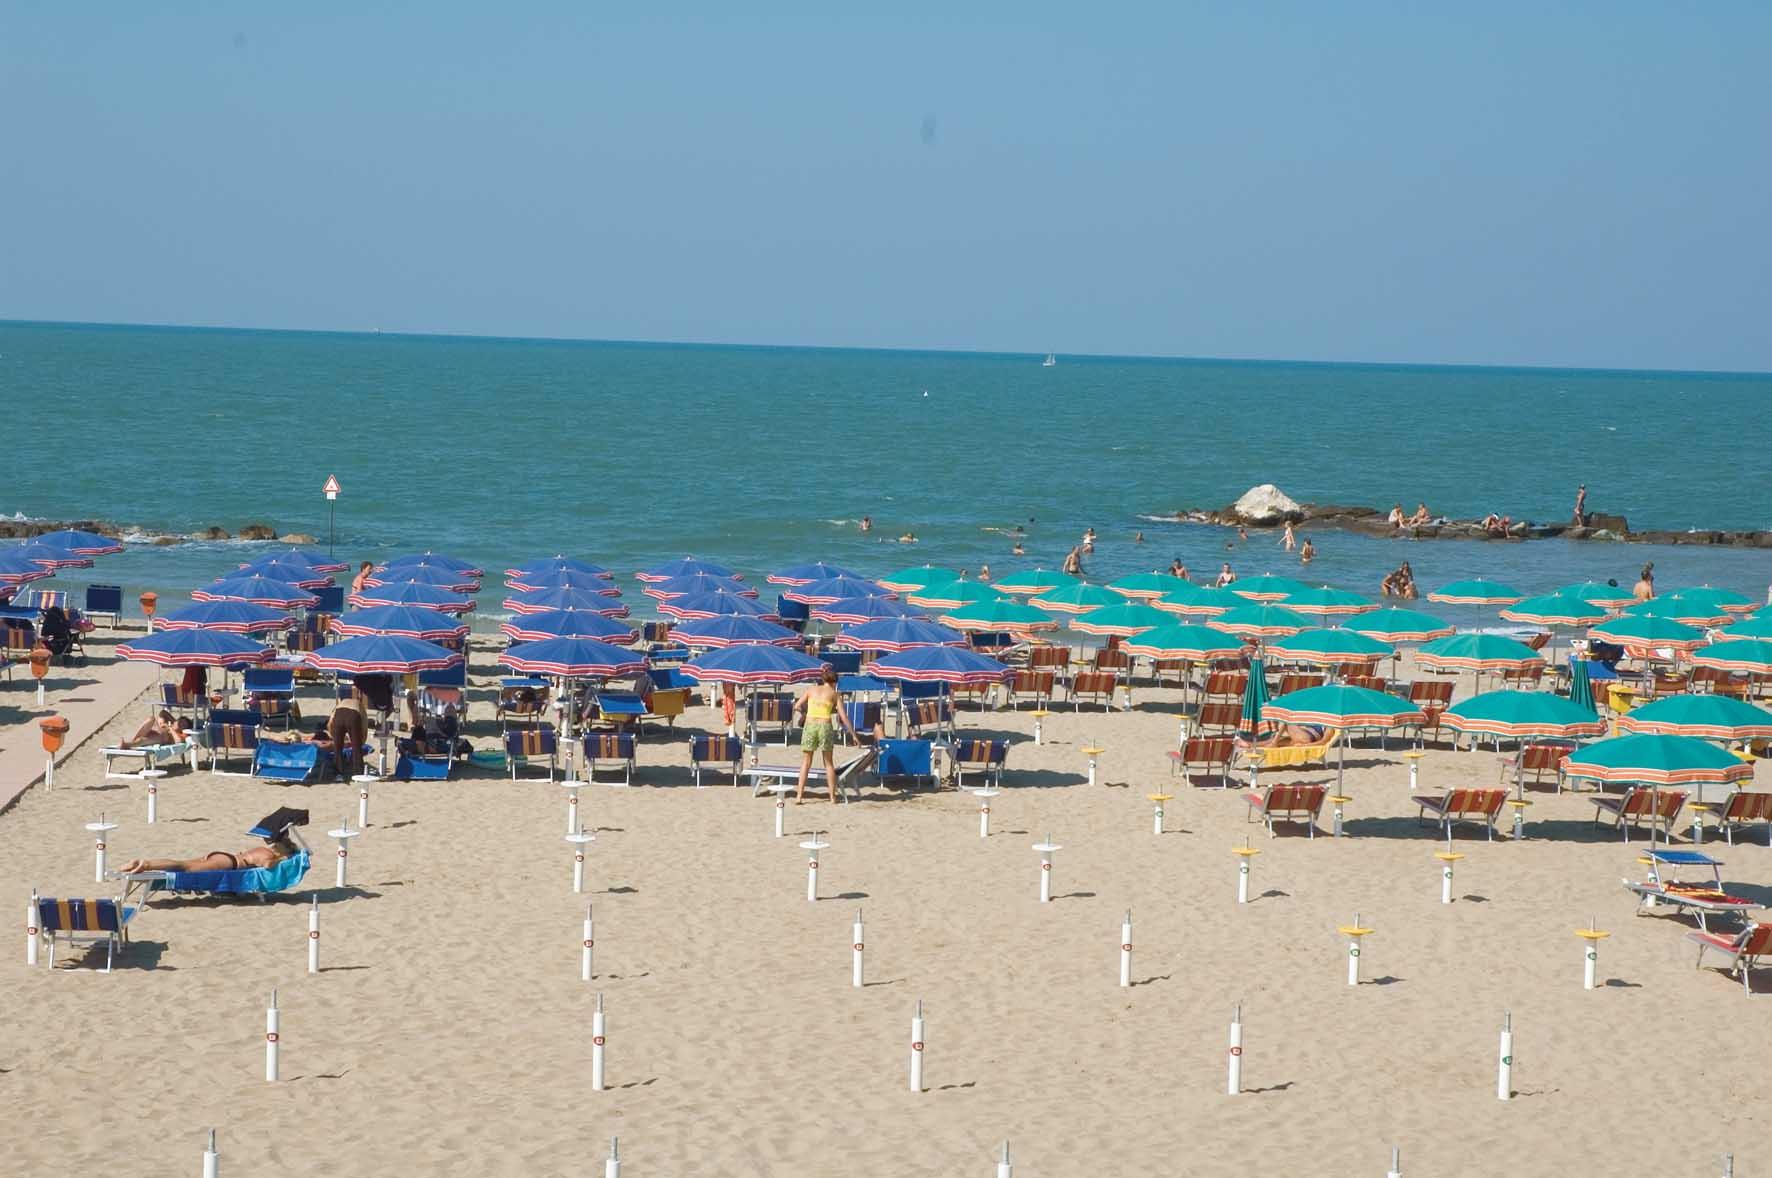 presenze sulle spiagge Cattolica SpiaggiaOmbrelloni 1